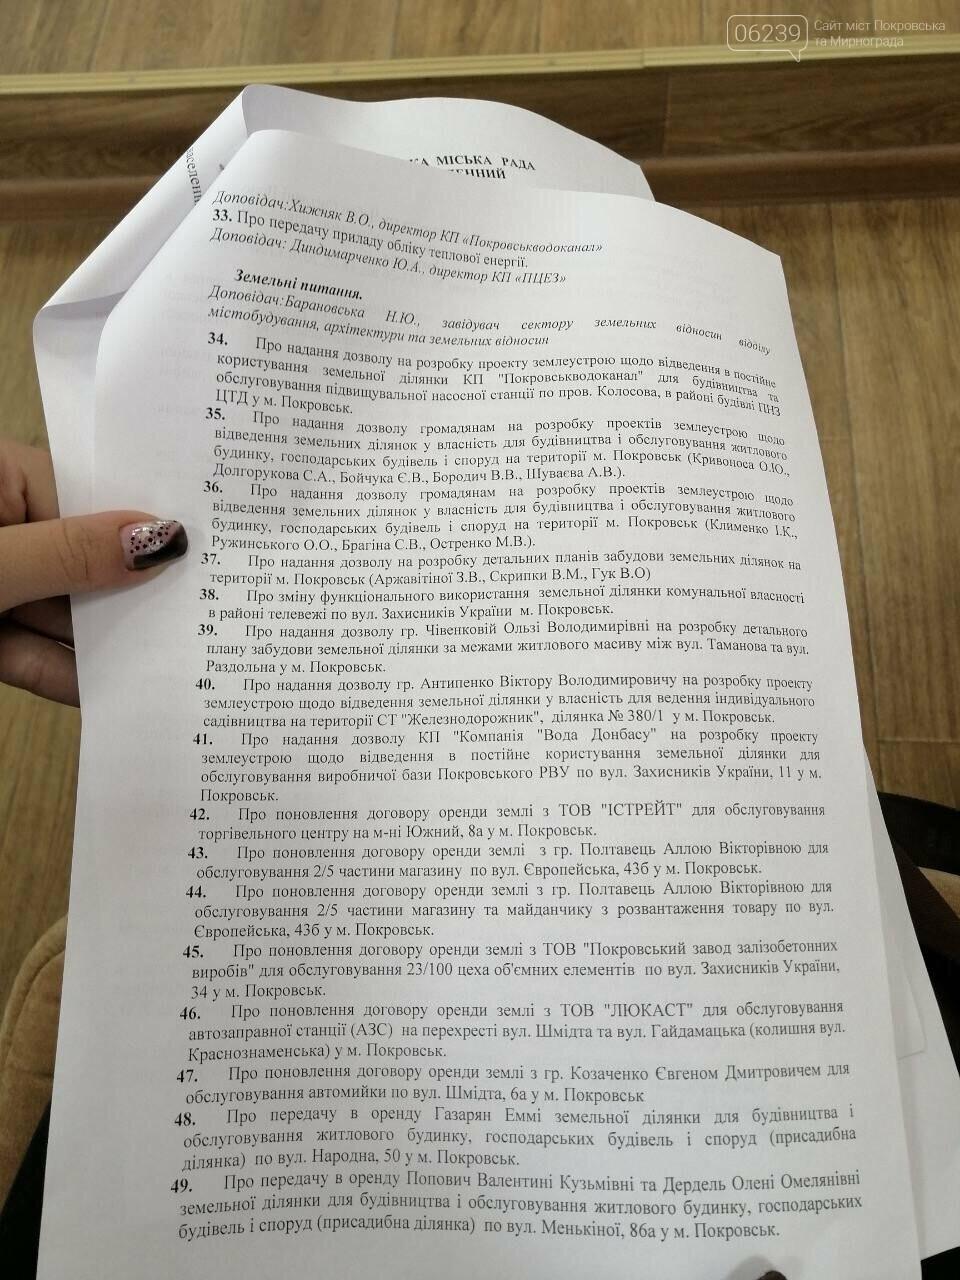 Депутаты Покровска не хотят слушать доклады: основные и земельные вопросы рассмотрены двумя блоками, фото-3